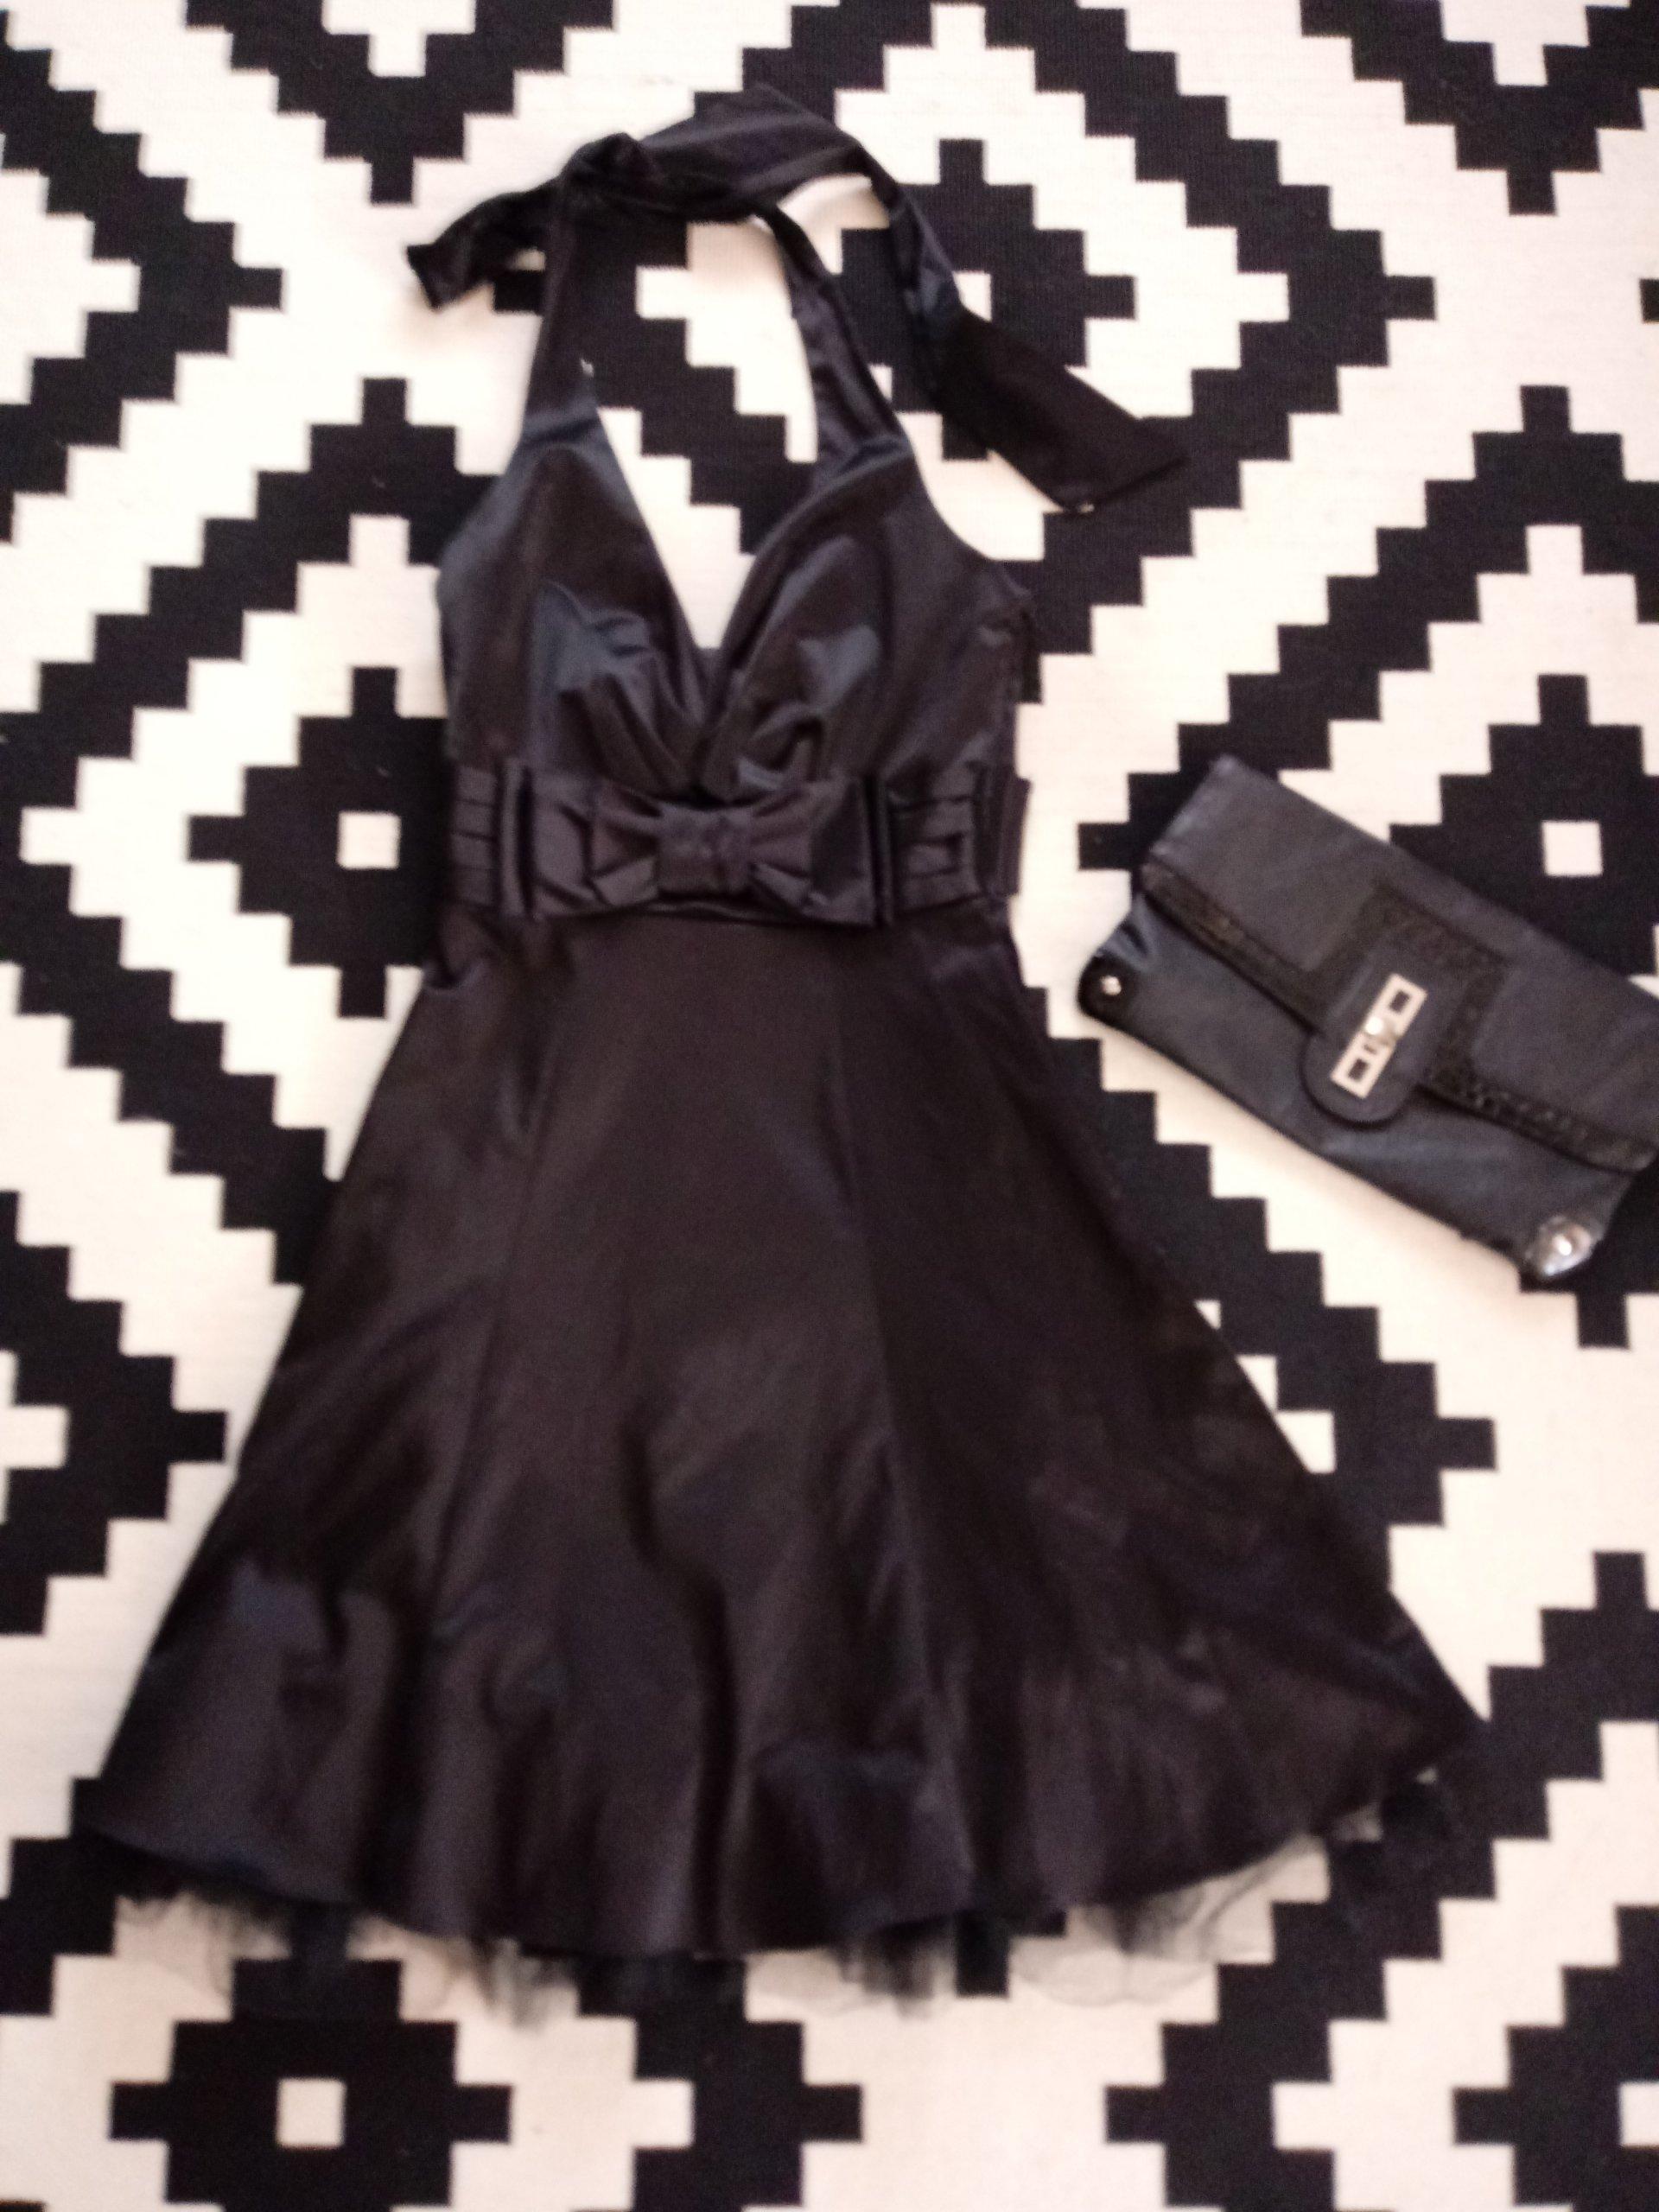 9373c6604f Czarna sukienka XS kokarda - 7298057763 - oficjalne archiwum allegro